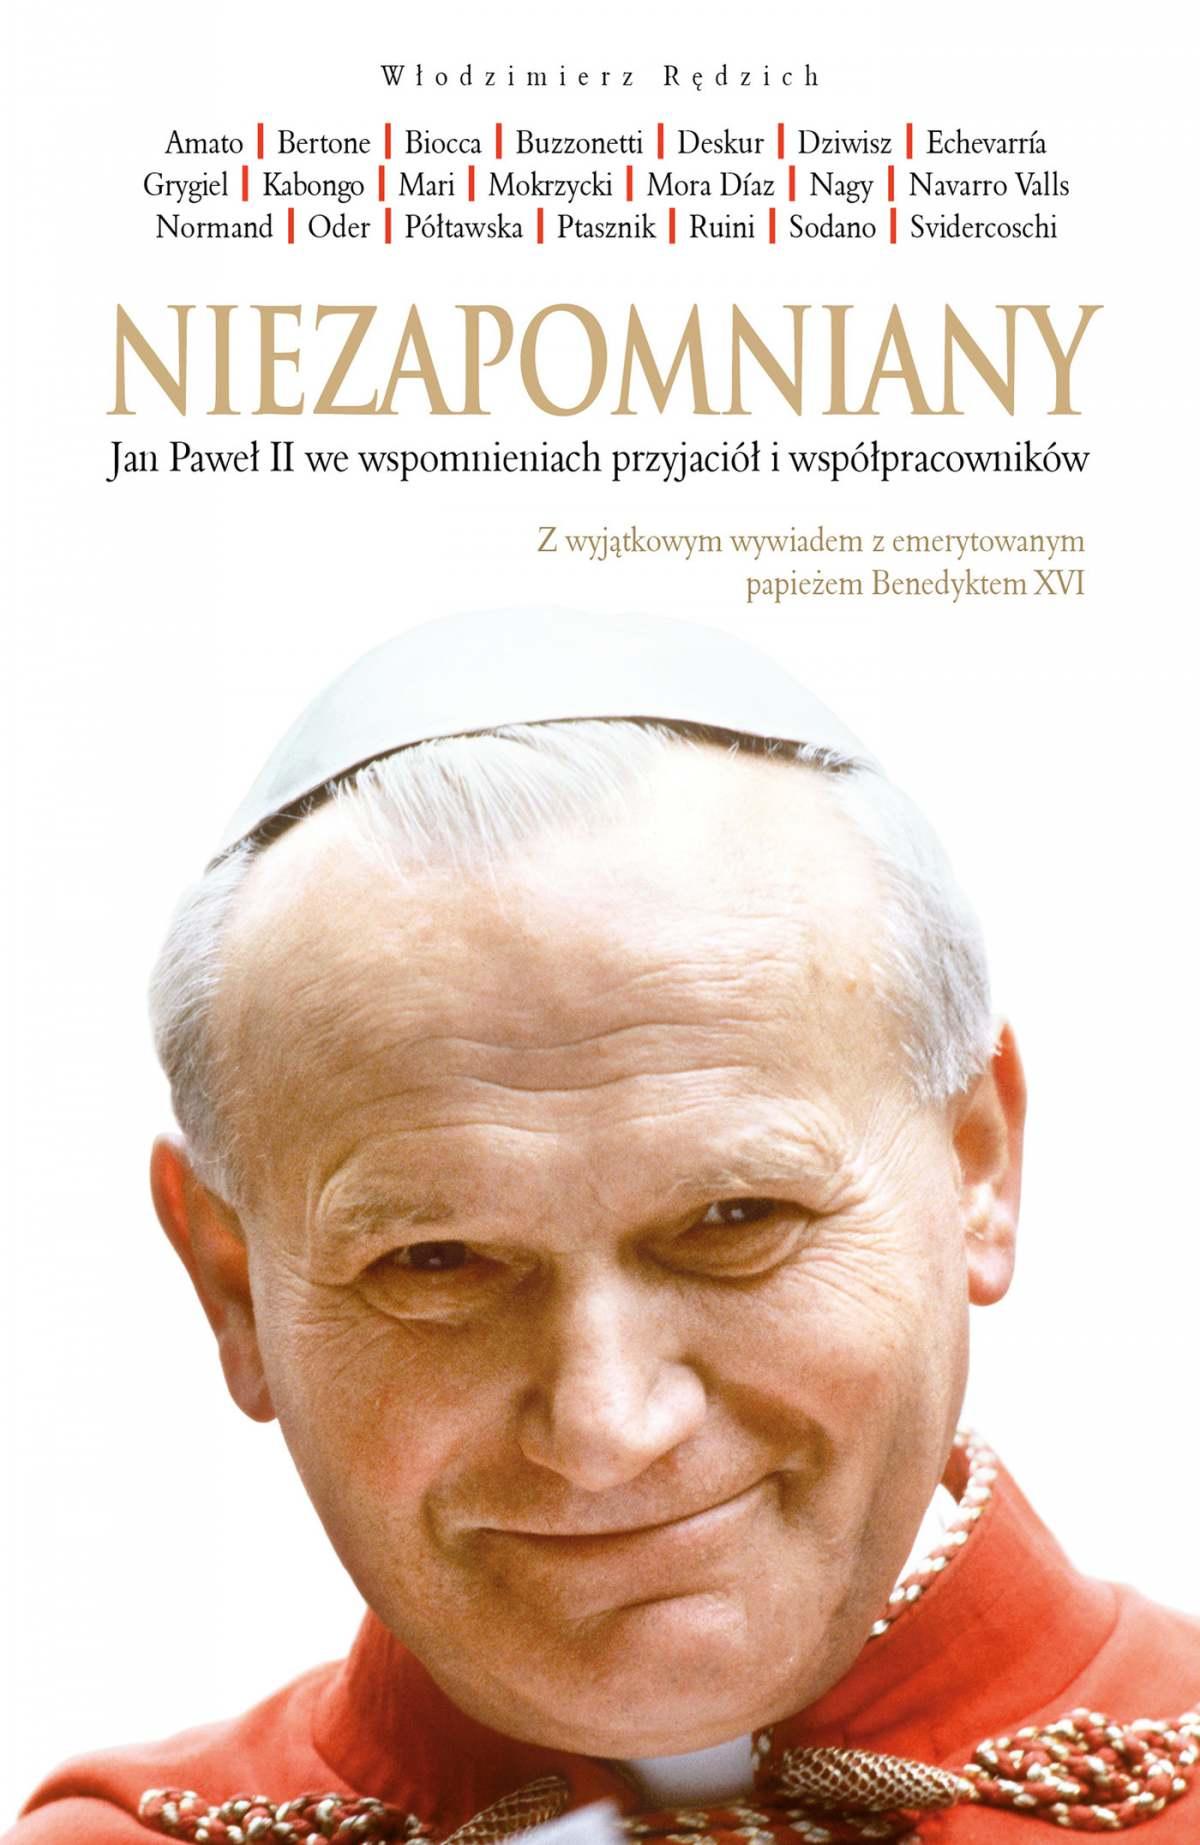 Niezapomniany. Jan Paweł II we wspomnieniach przyjaciół i współpracowników - Ebook (Książka na Kindle) do pobrania w formacie MOBI